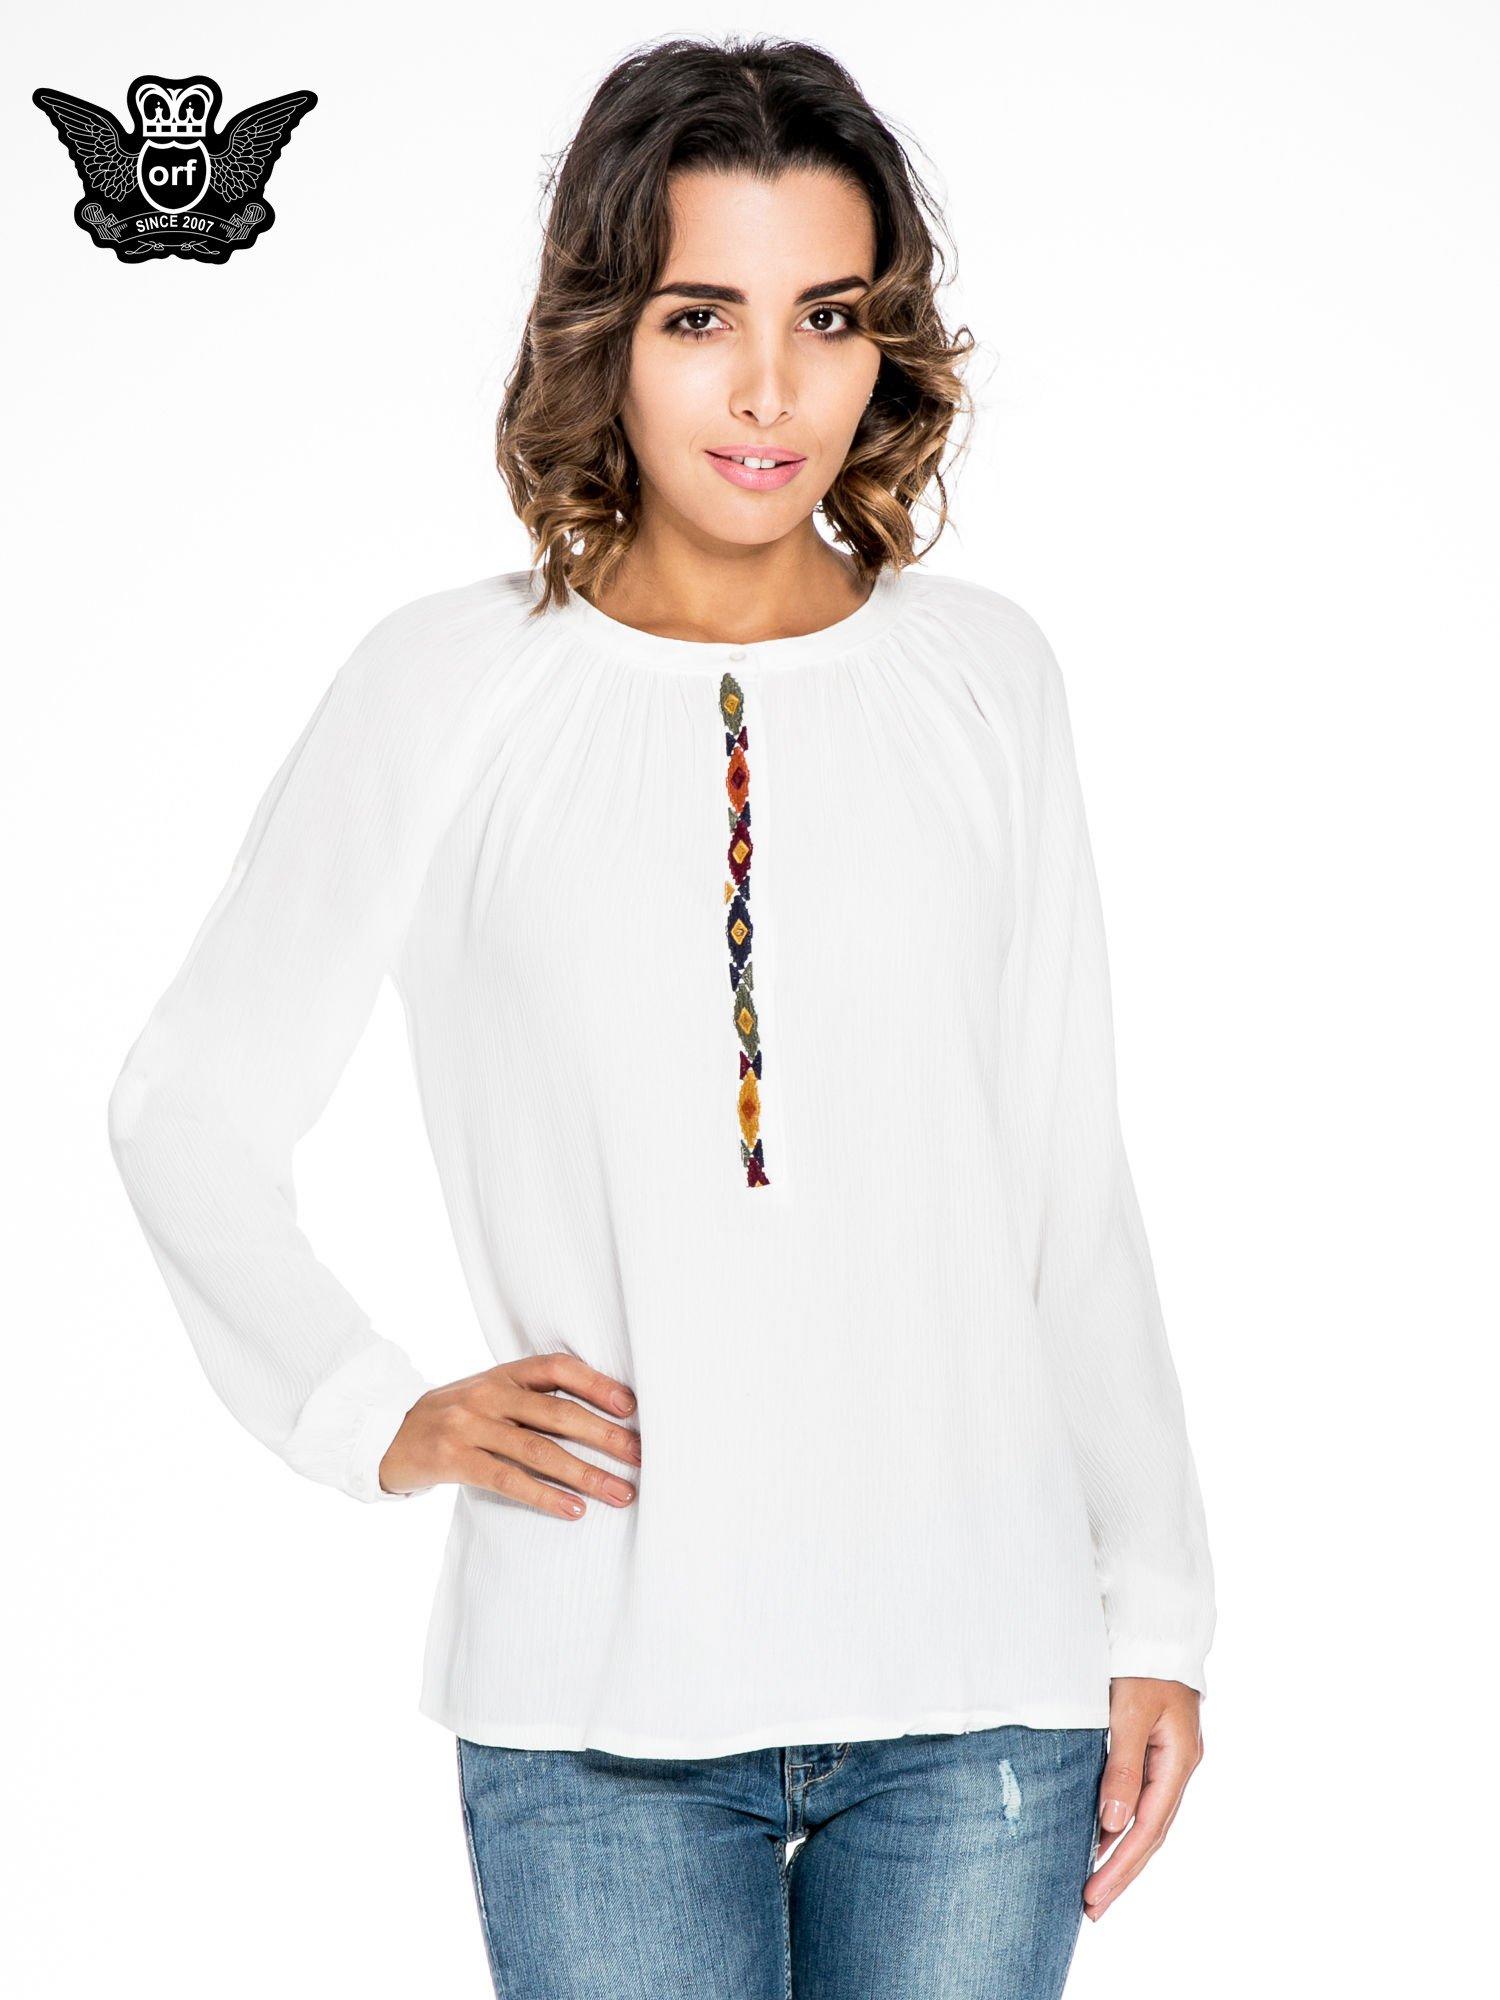 Ecru koszula z marszczonym dekoltem i wzorzystą wstawką w stylu hippie                                  zdj.                                  1